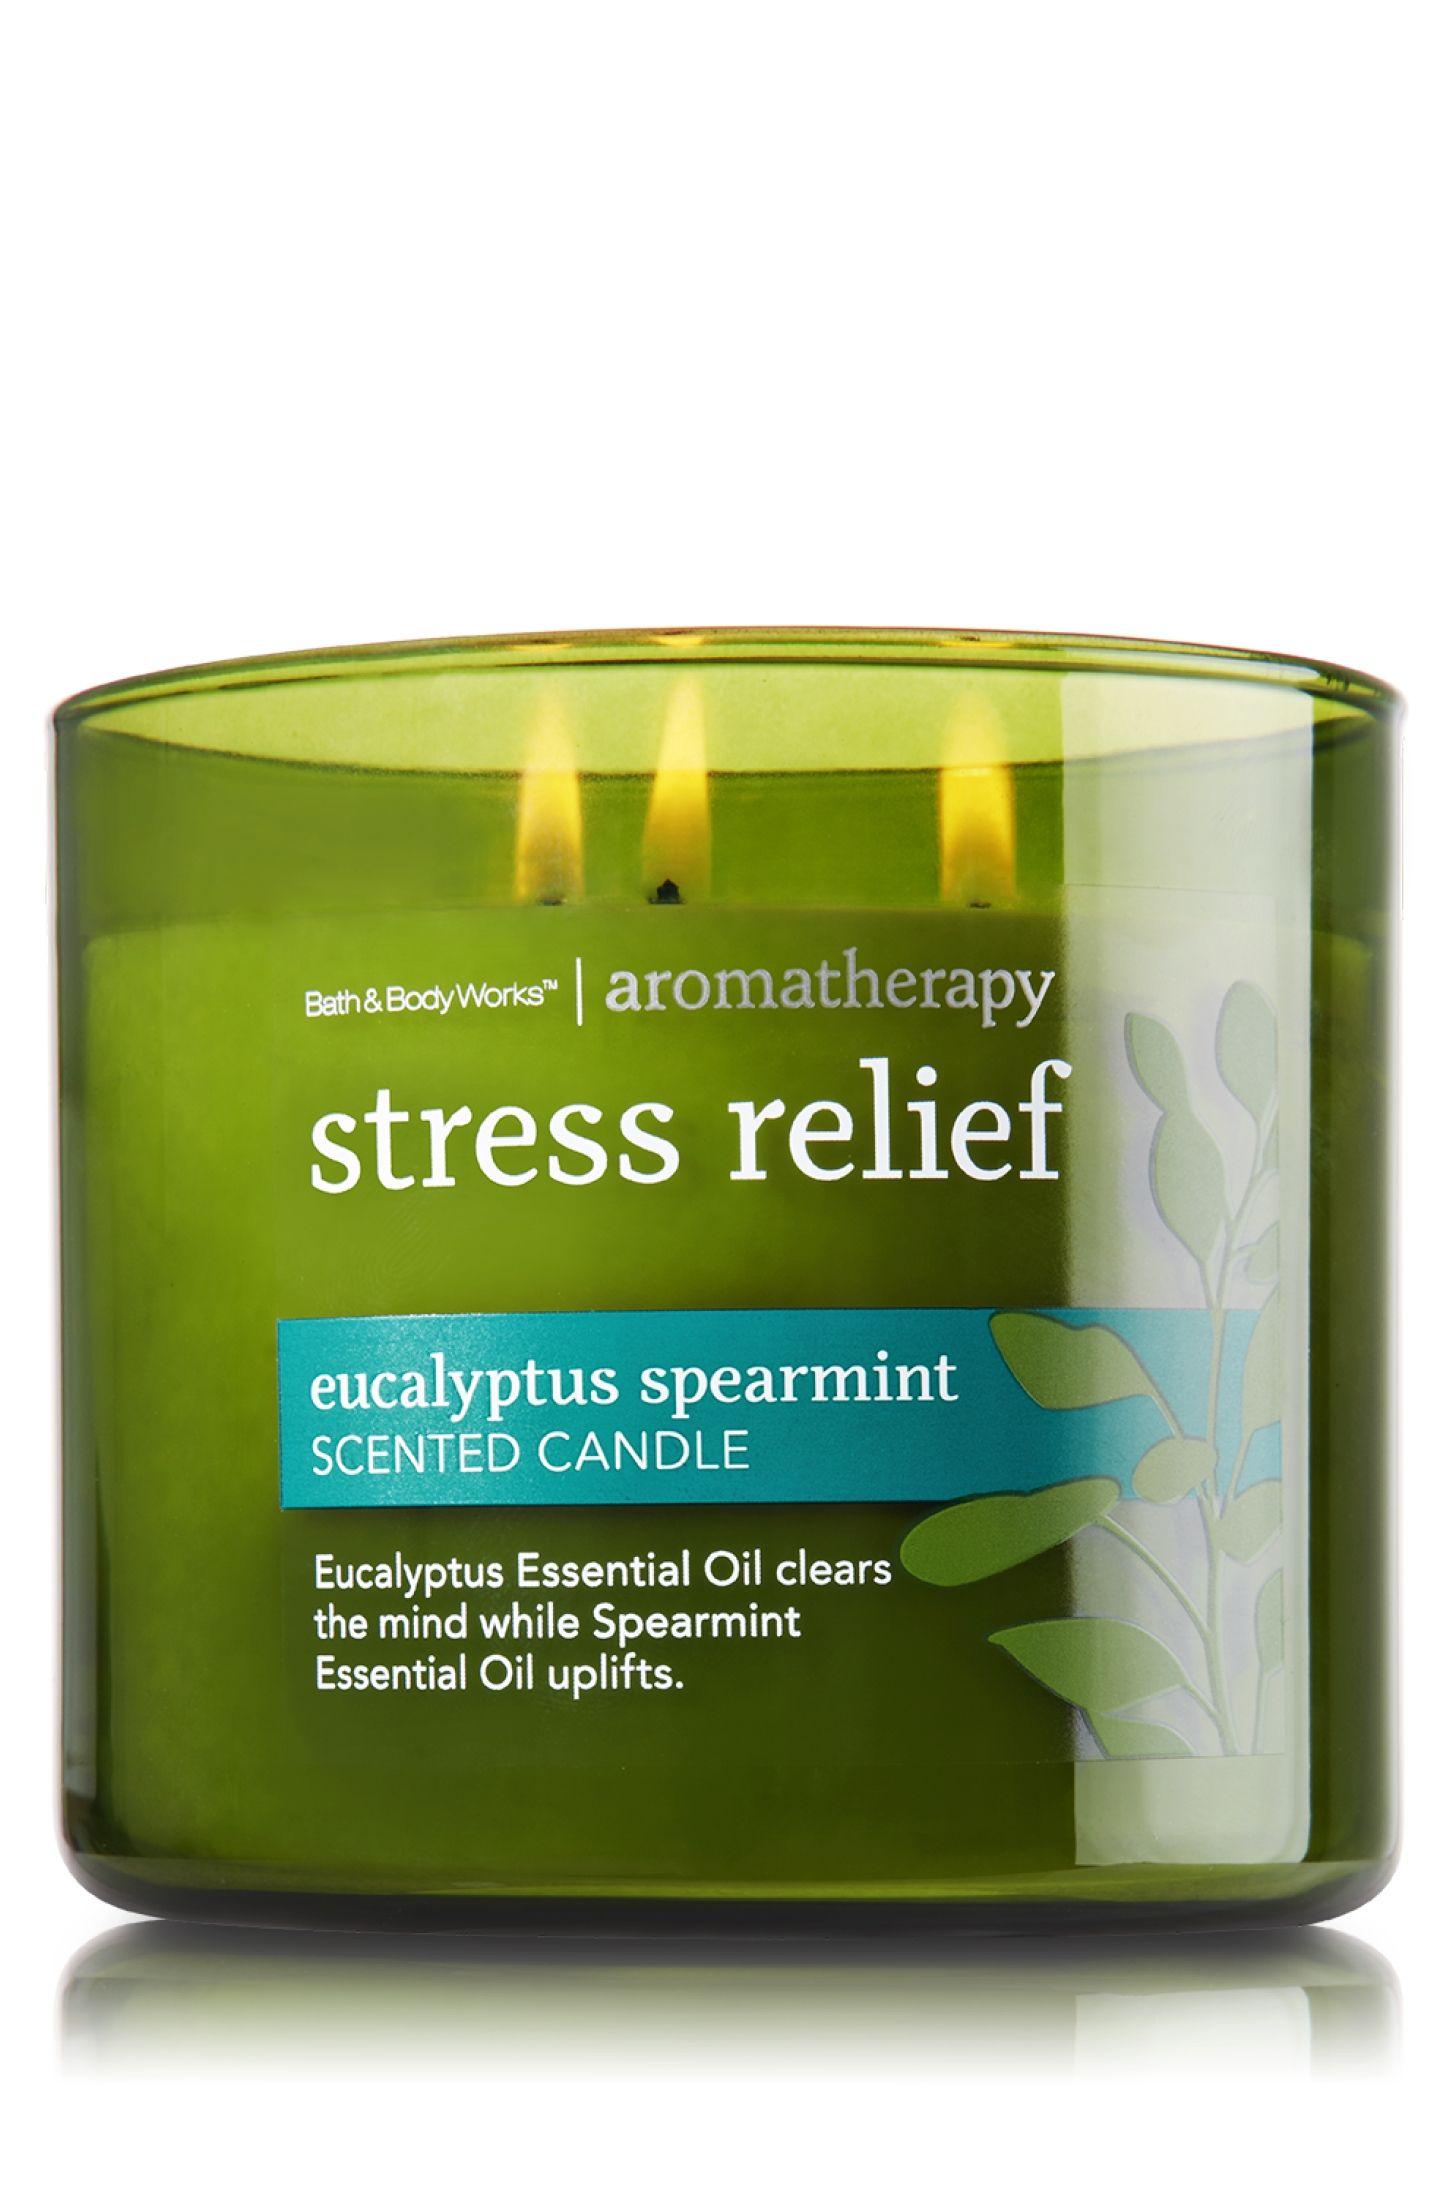 Eucalyptus Spearmint 14 5 Oz 3 Wick Candle Aromatherapy Bath Body Works Aromatherapy Stress Relief Aromatherapy Candles Bath Candles